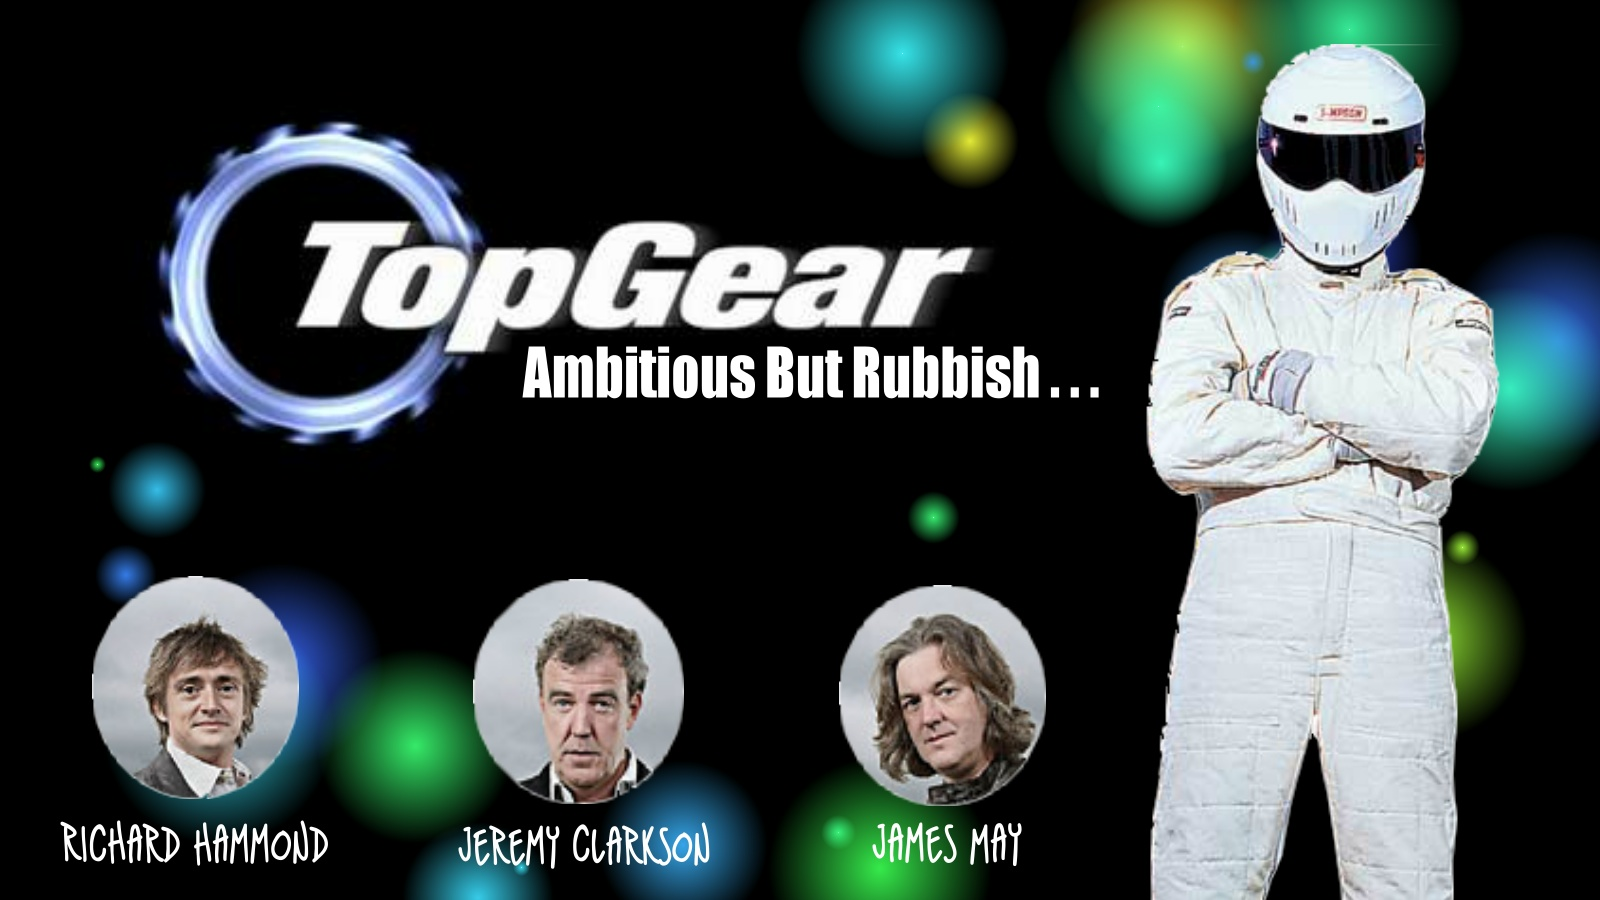 http://3.bp.blogspot.com/-Ix-61oM7qLQ/Twd8_4fiUSI/AAAAAAAAKj4/akTiNpbHAEE/s1600/Top_Gear_Wallpaper_3_by_Tomoyo_plumqueen.jpg